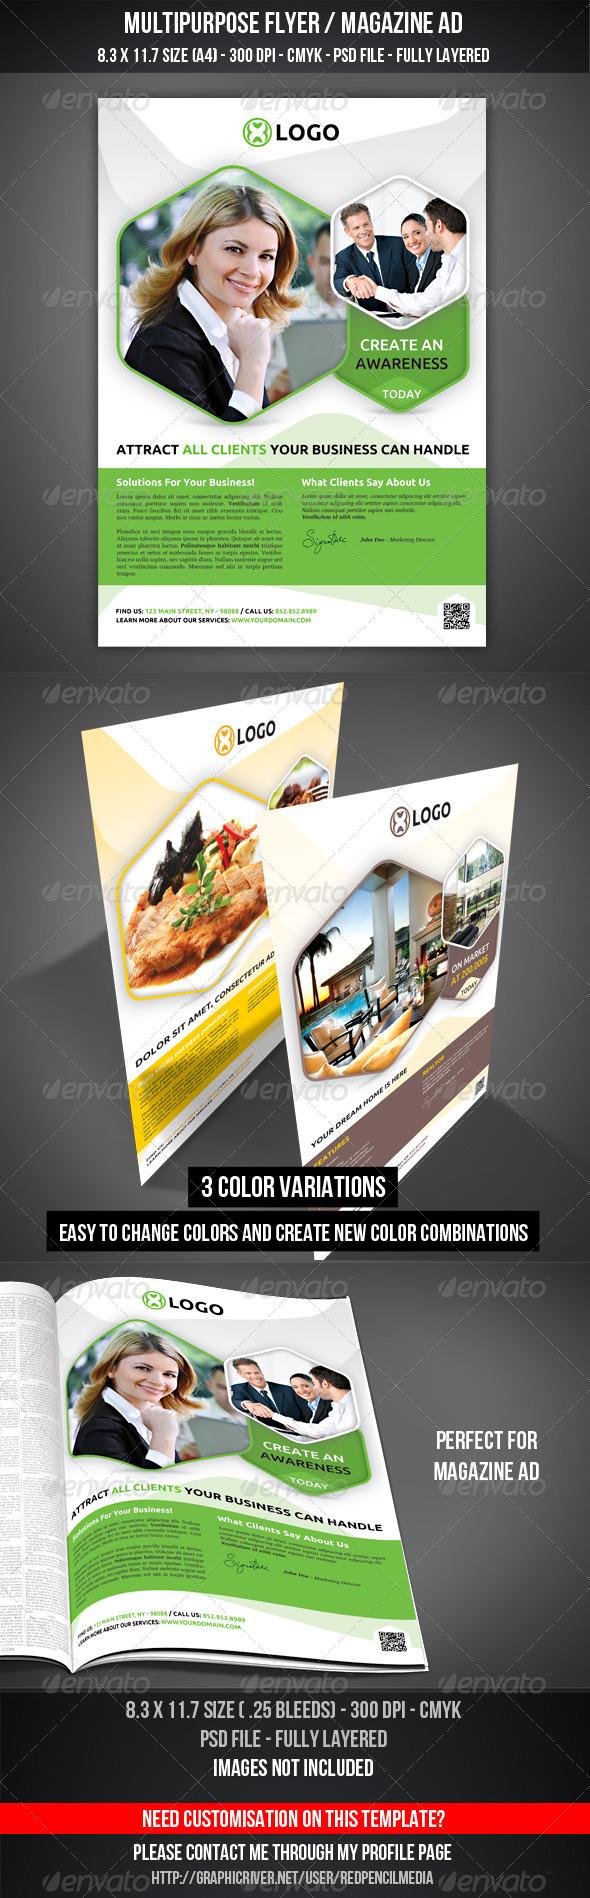 GraphicRiver Multipurpose Flyer Magazine AD 7138484